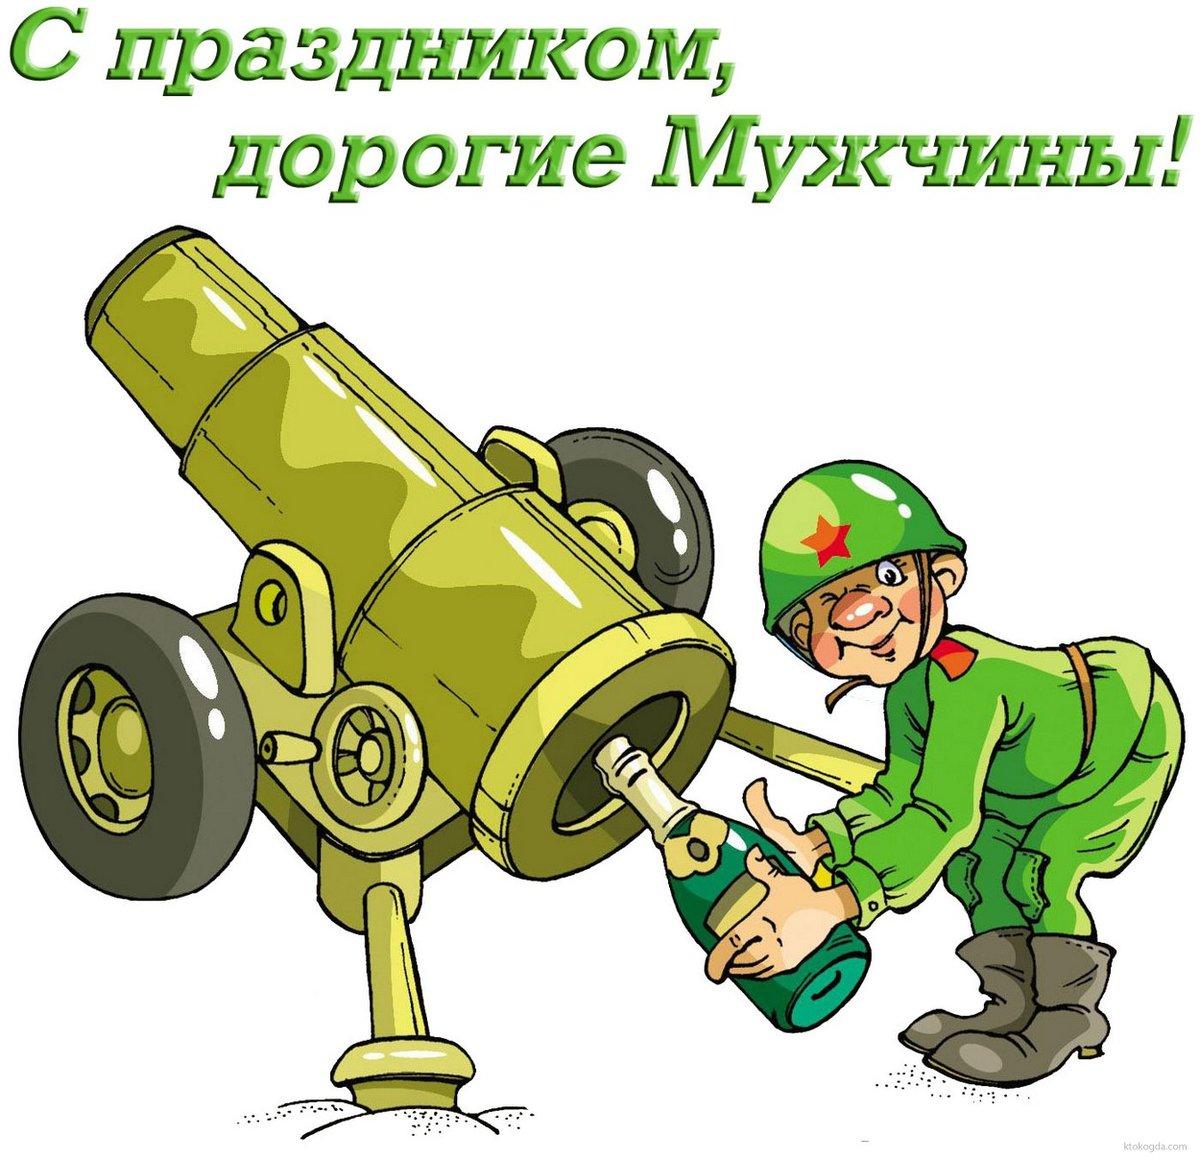 ❶С 23 февраля артиллеристу|С 23 февраля шаблоны|BAF DIGITAL ARCHIVE|Similar Items|}